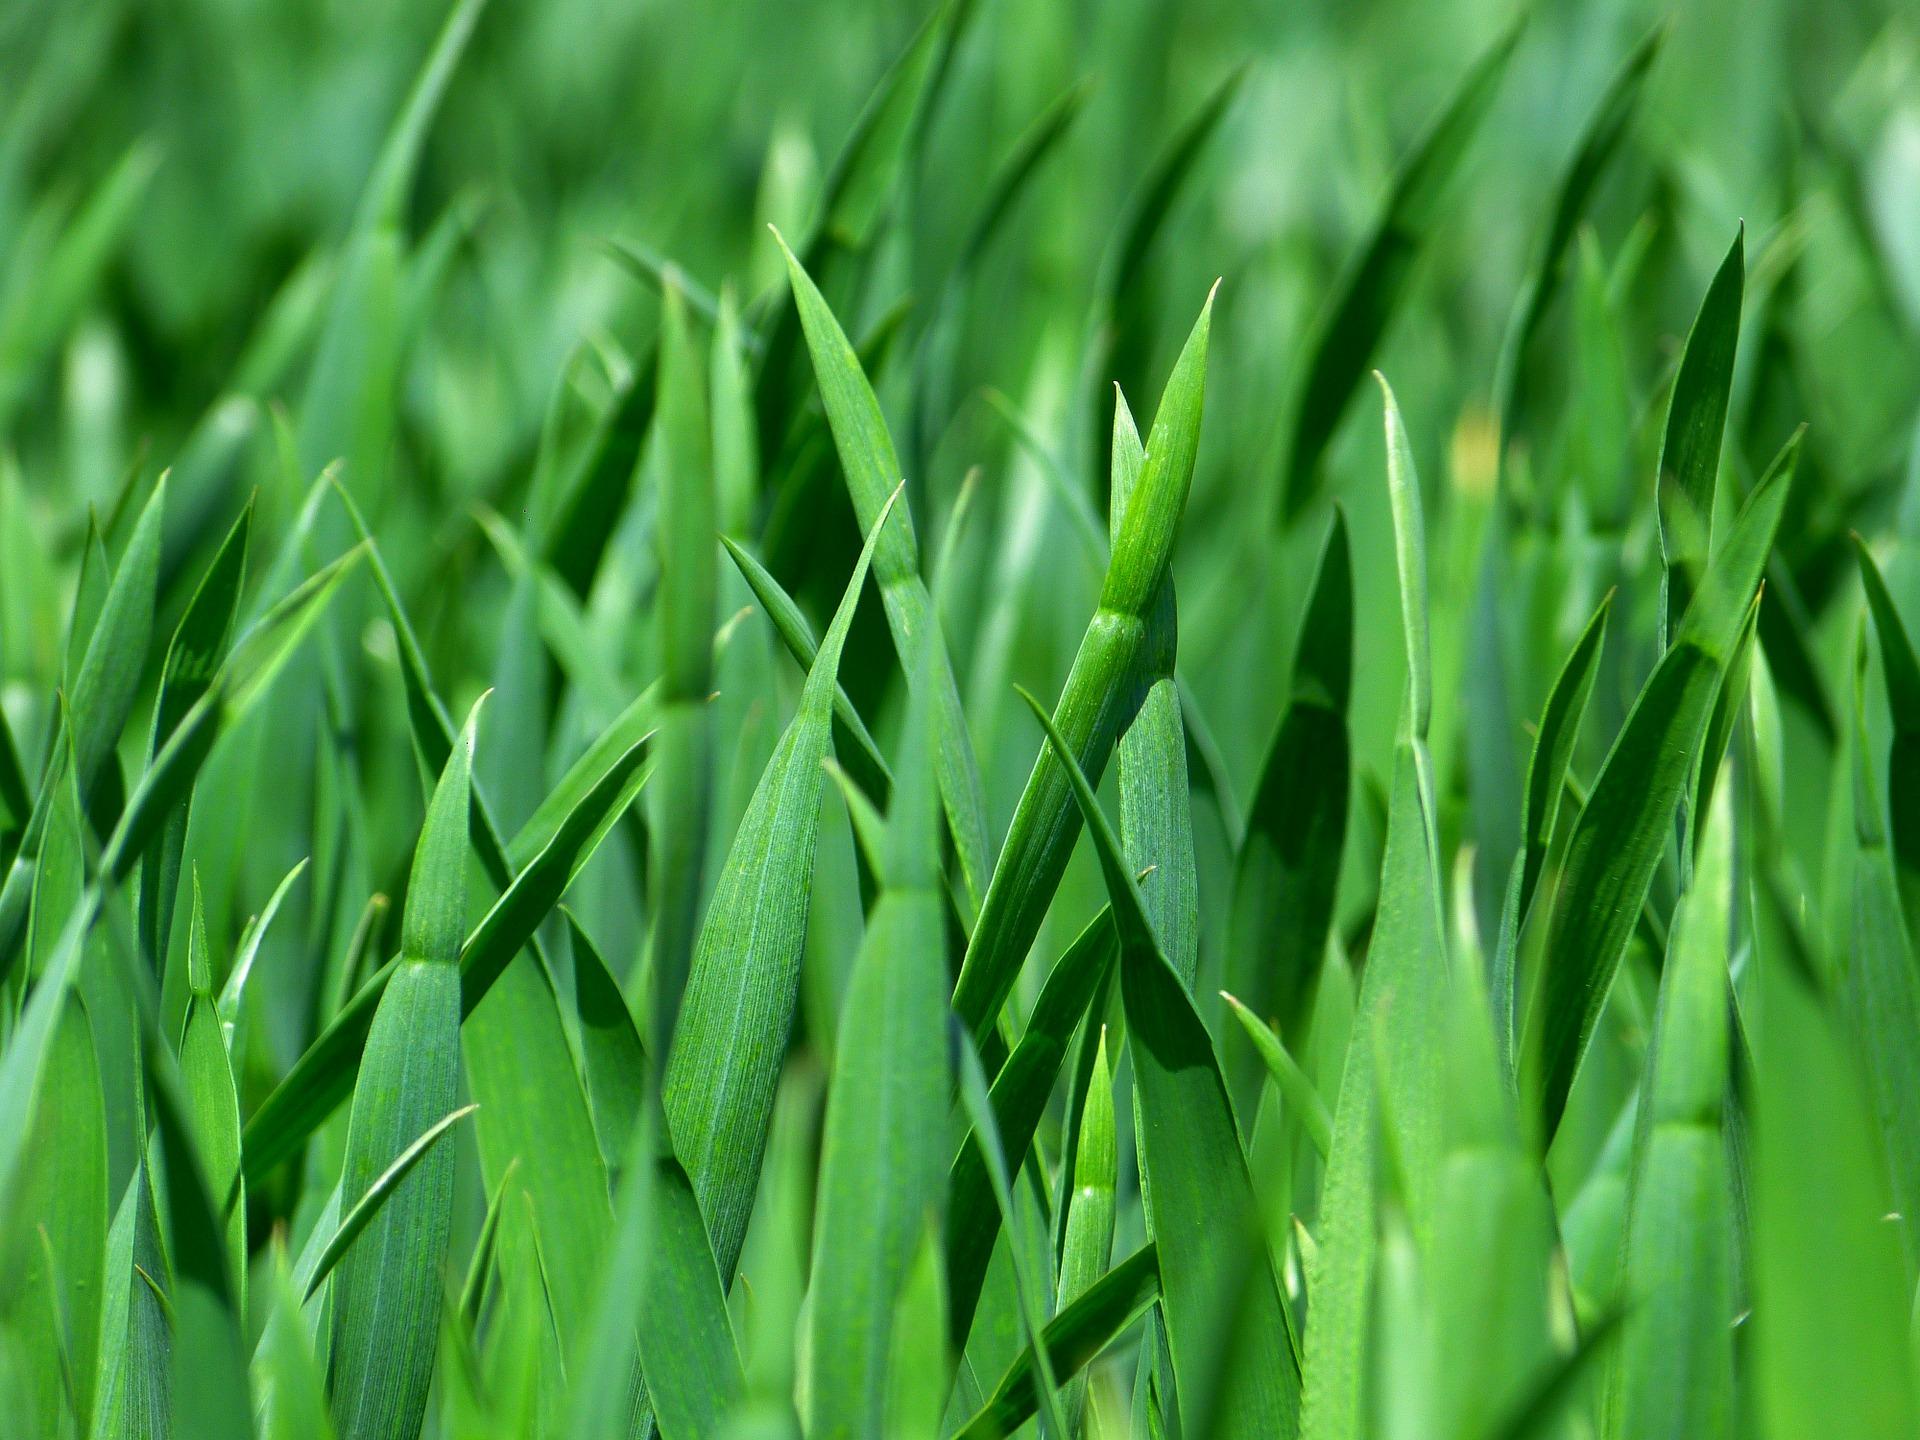 Jak pečovat o trávník po zimě